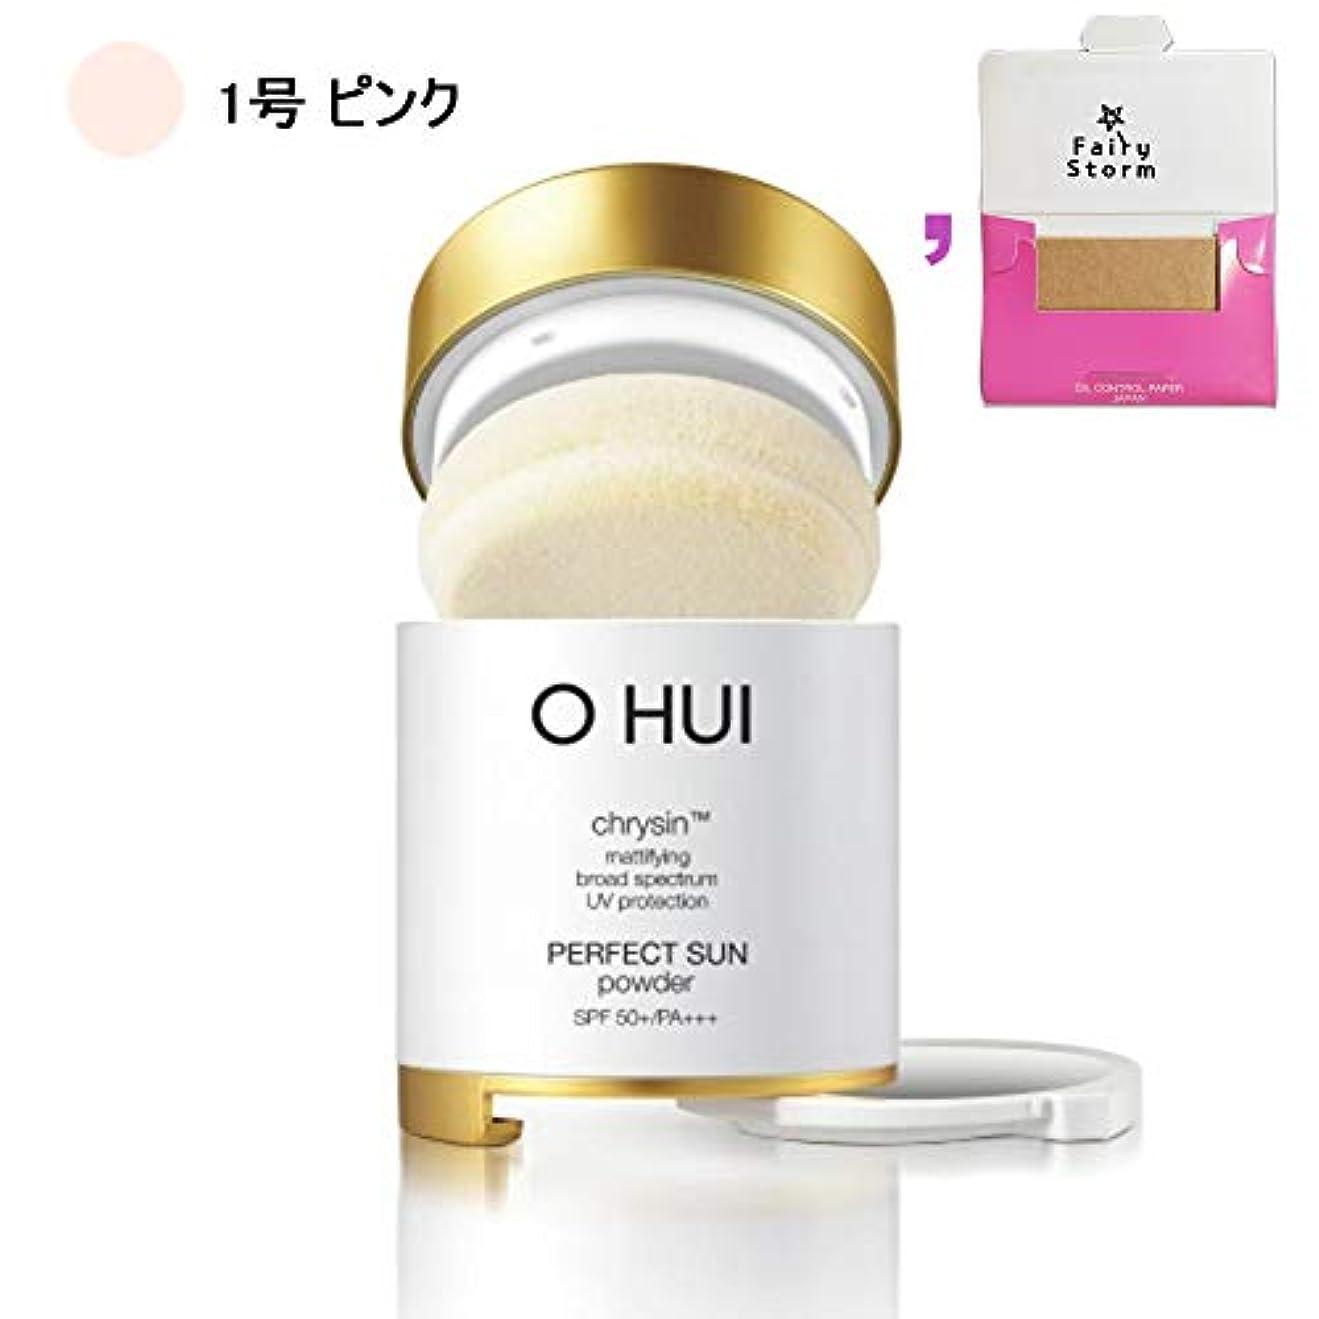 マスタード気球外出[オフィ/O HUI]韓国化粧品 LG生活健康/OHUI OFS06 PERFECT SUN POWDER/オフィ パーフェクトサンパウダー 1号 (SPF50+/PA+++) +[Sample Gift](海外直送品)